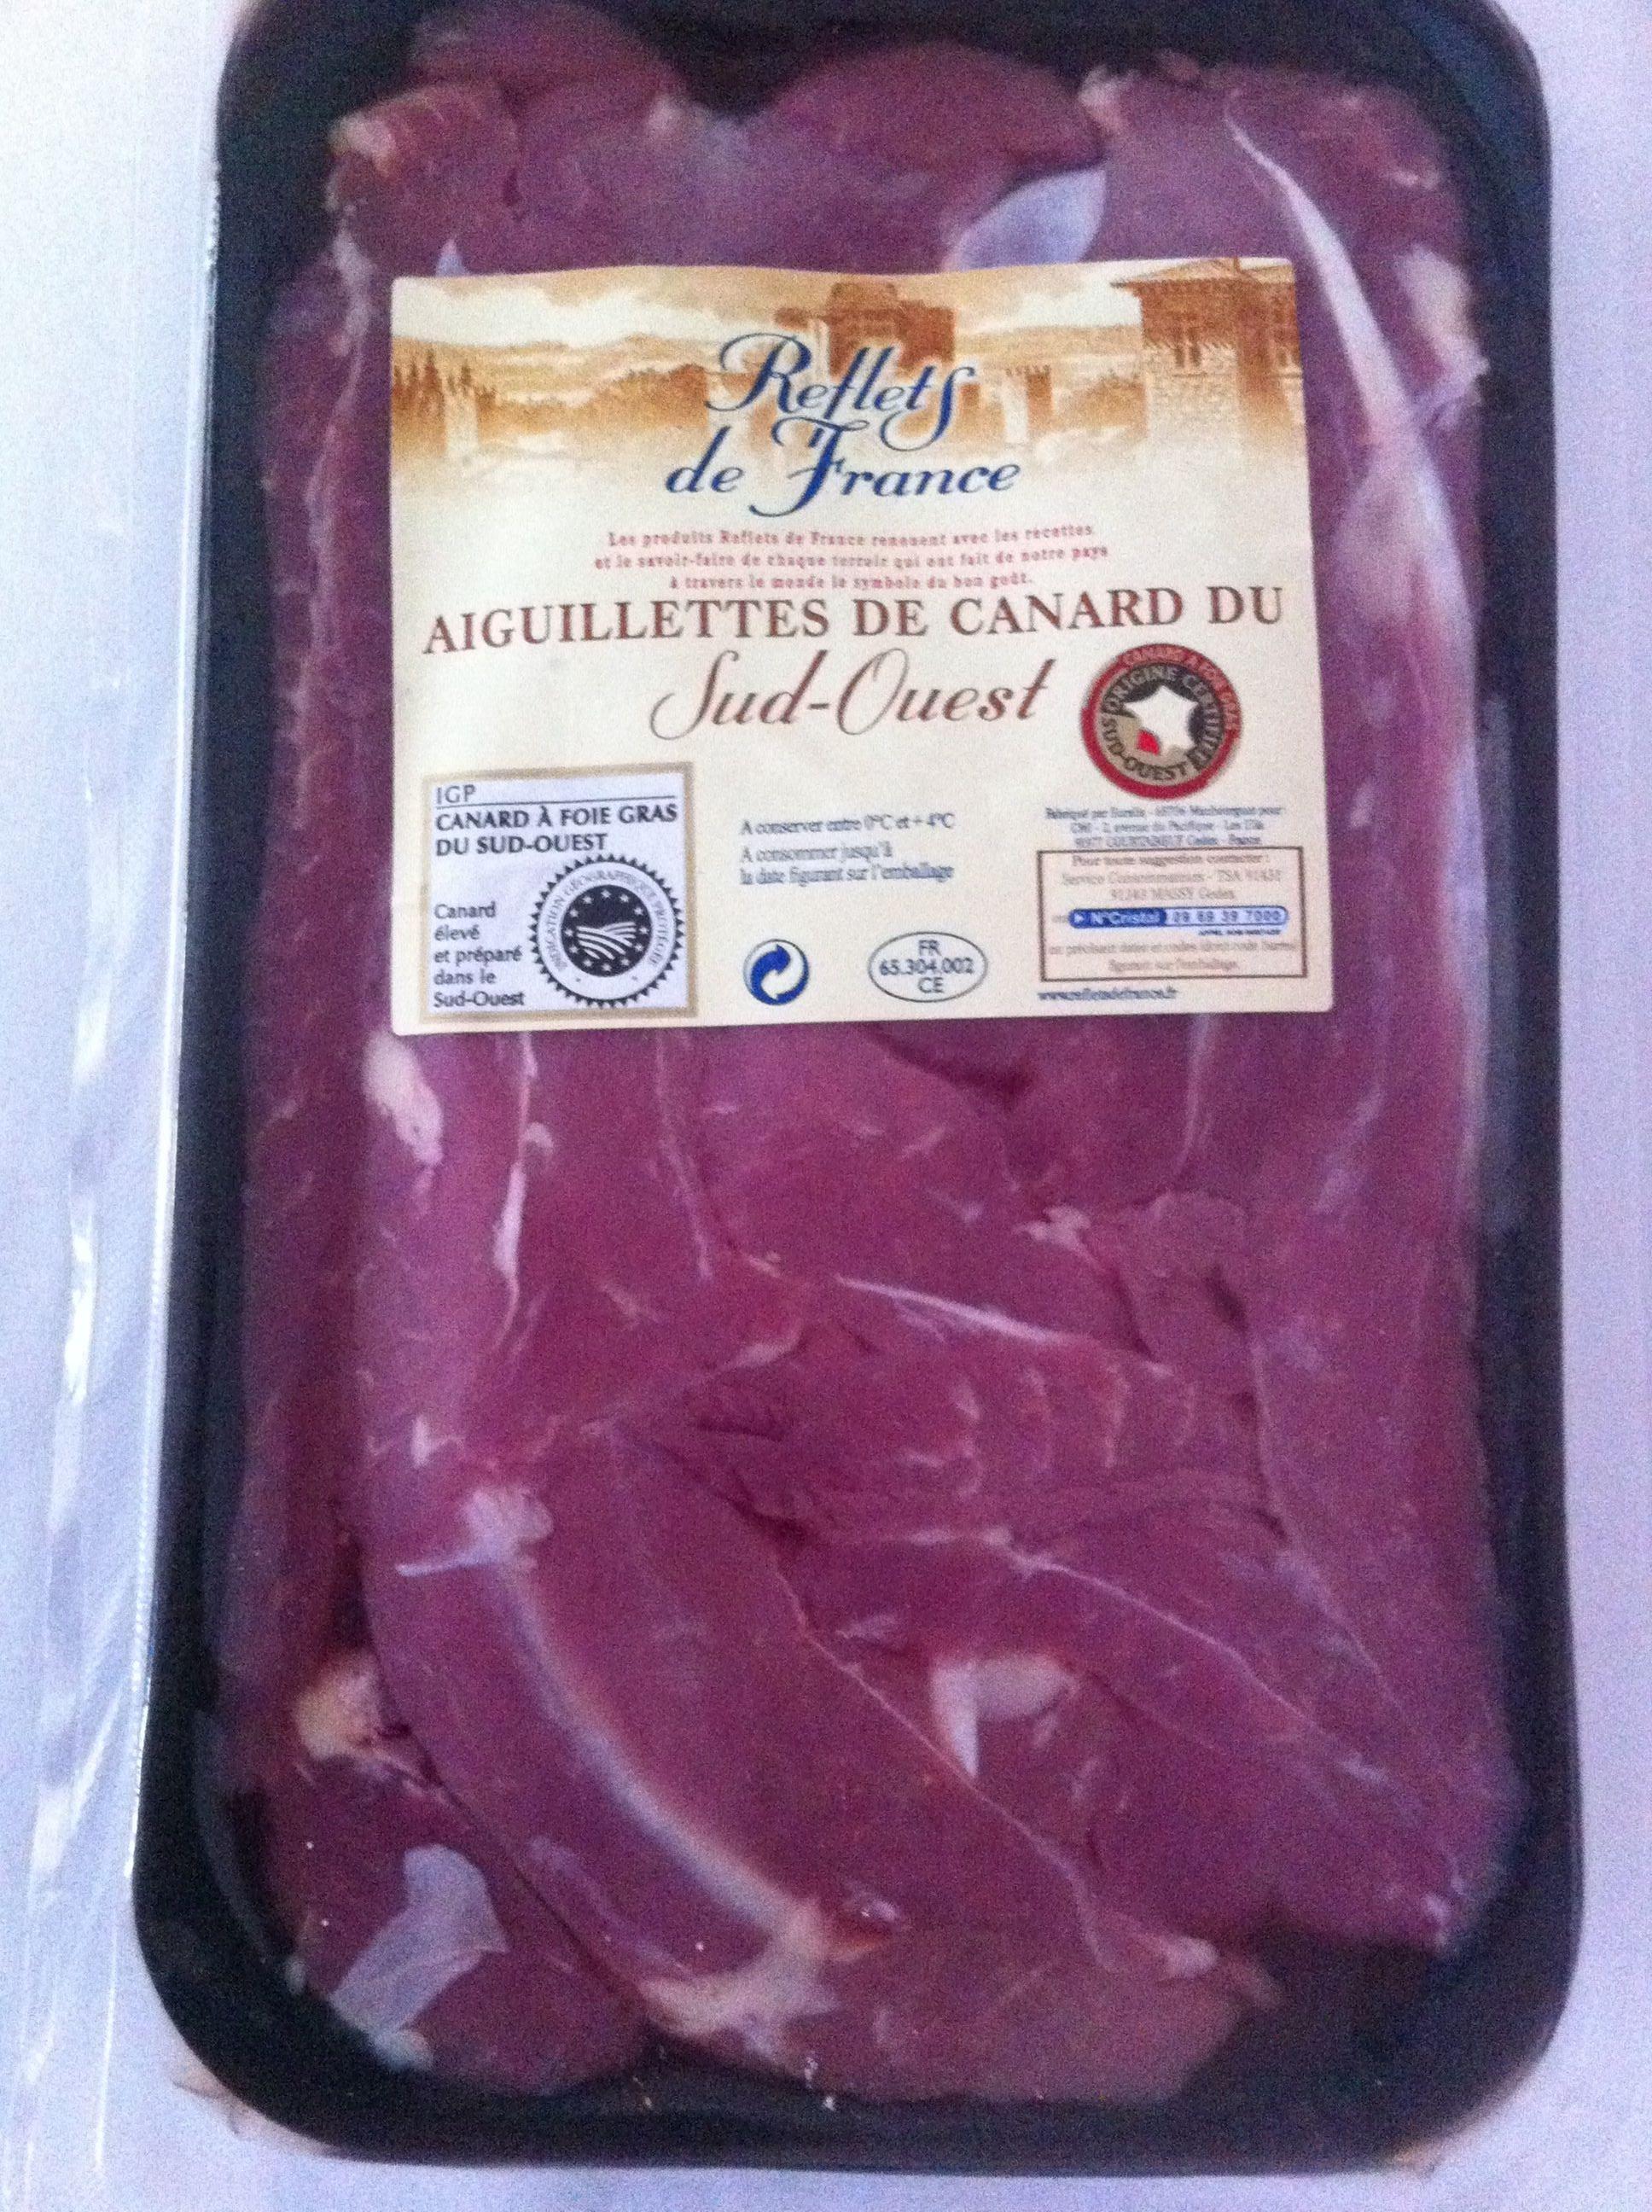 Aiguillettes de Canard du Sud-Ouest - Product - fr